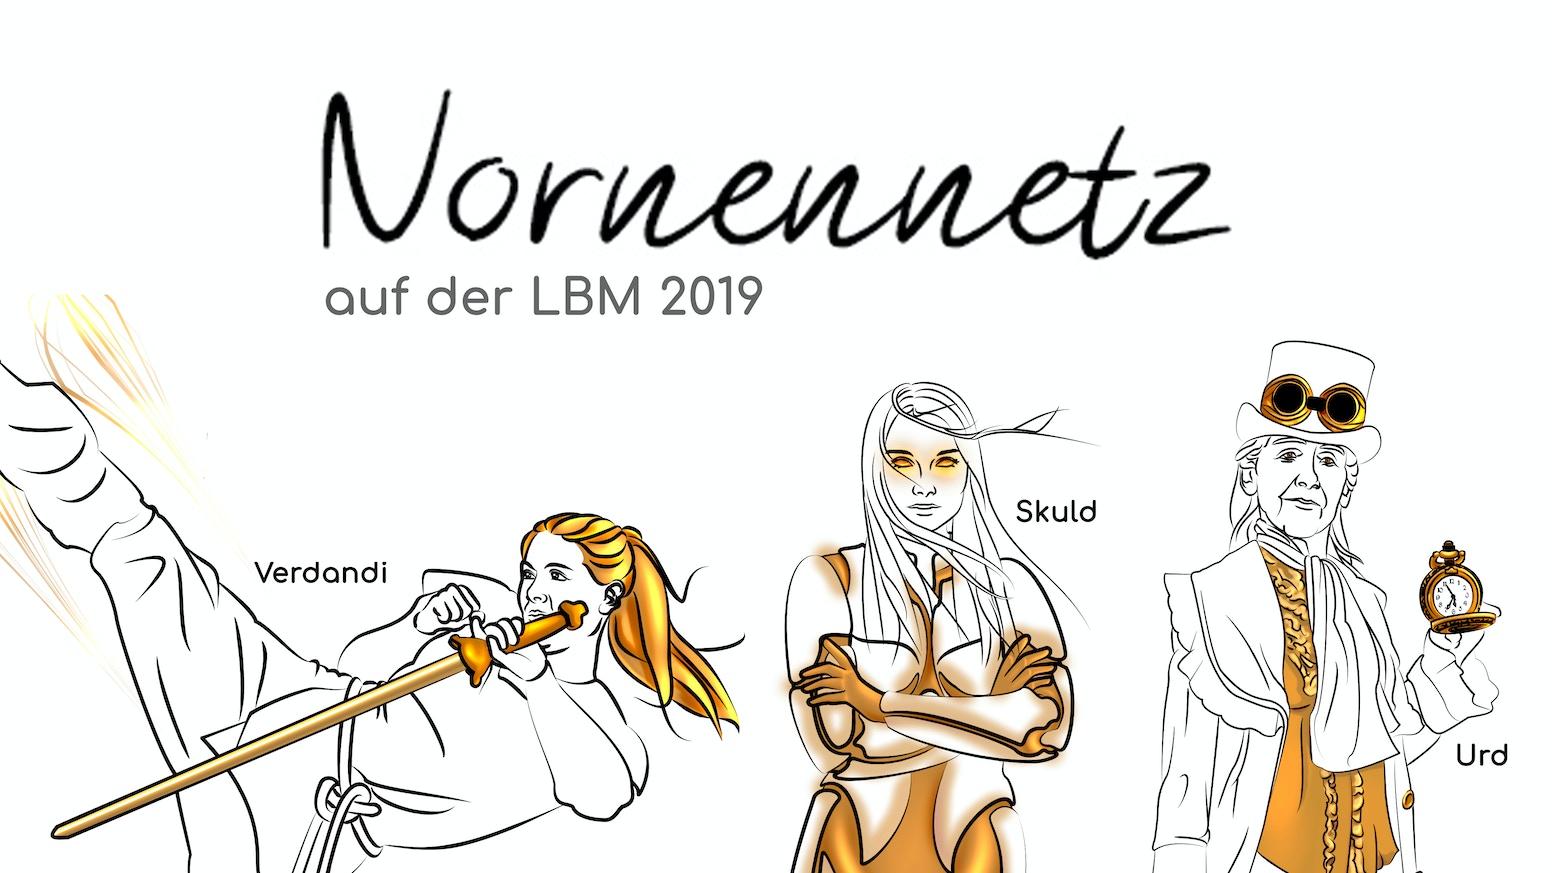 Das Nornennetz möchte dich auch 2019 an einem Stand auf der LBM begrüßen, an dem wir unsere Bücher & beliebten Boxen präsentieren.